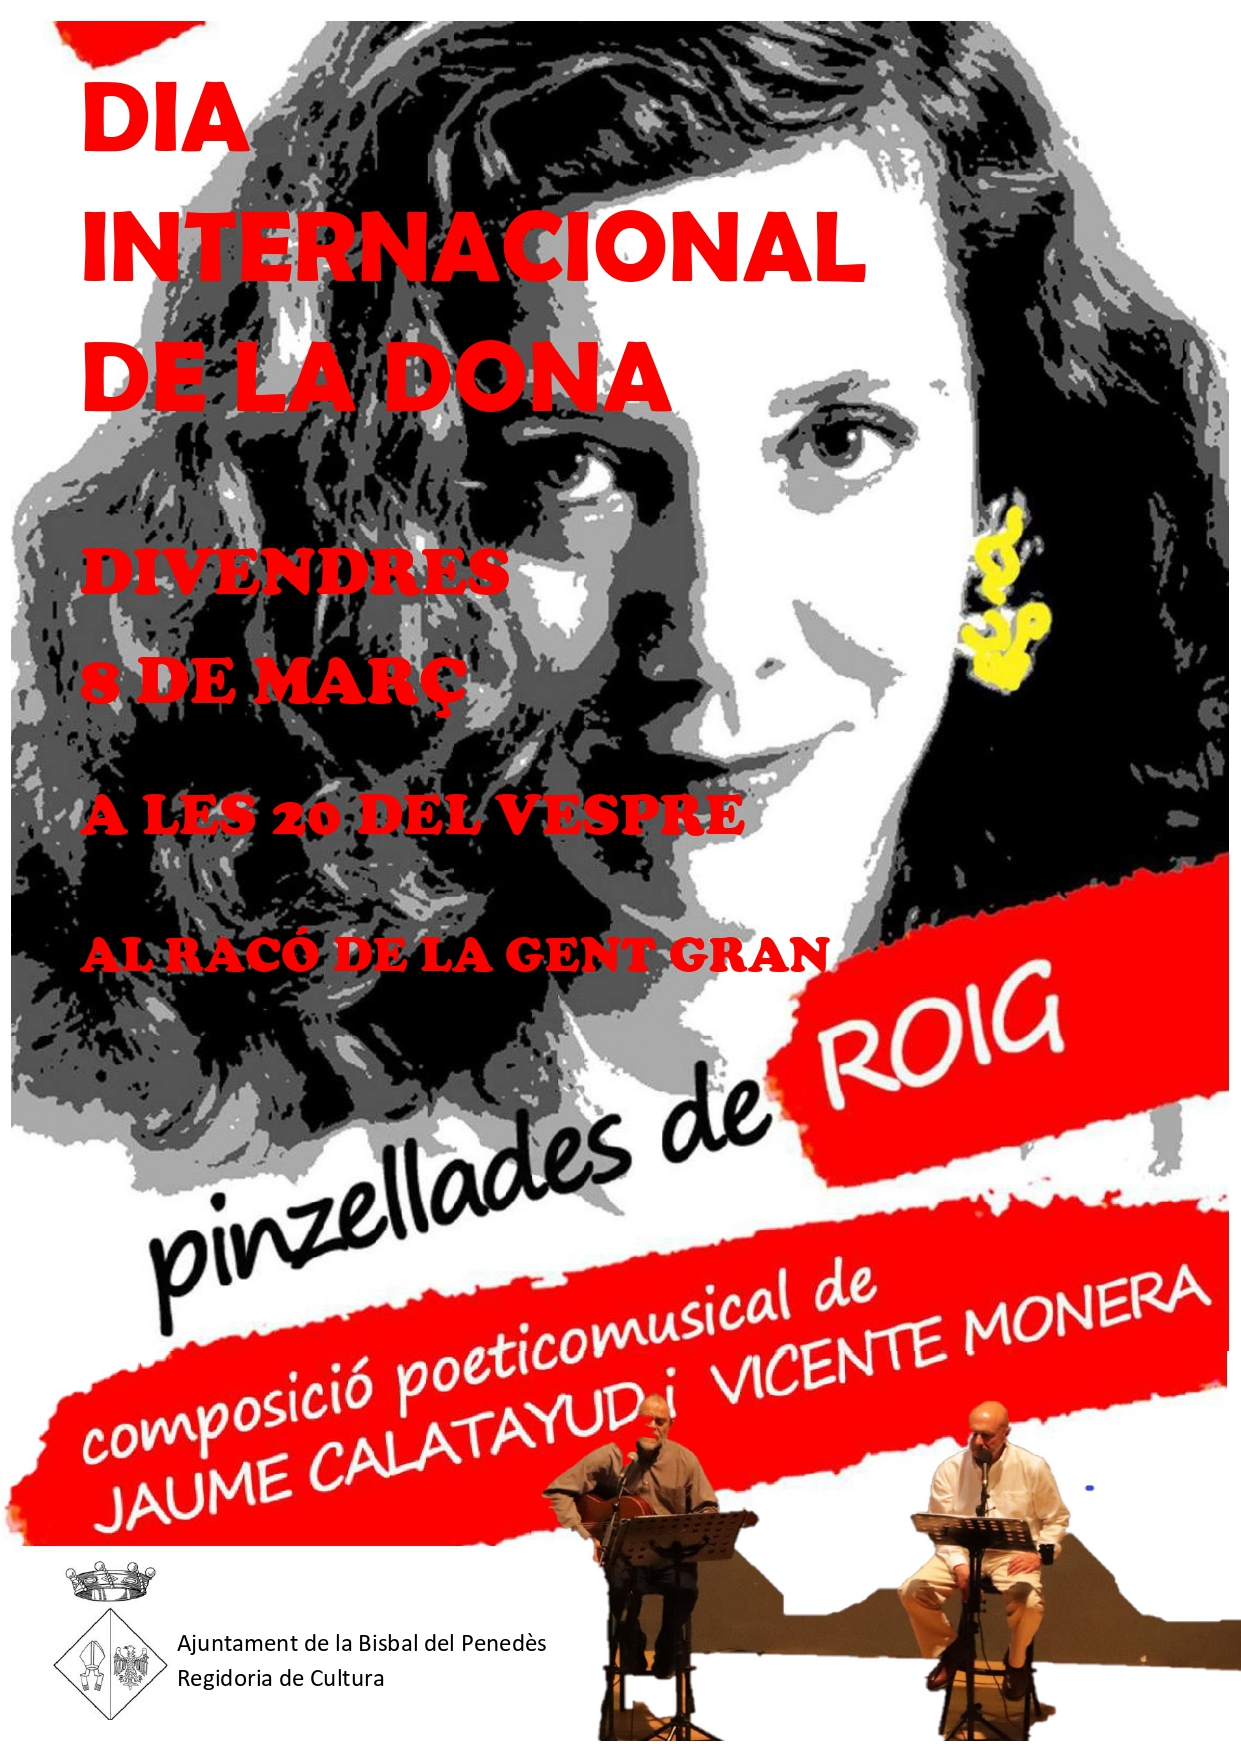 El dia 8 de març a les 20h es farà un recital en el marc del Dia Internacional de la Dona